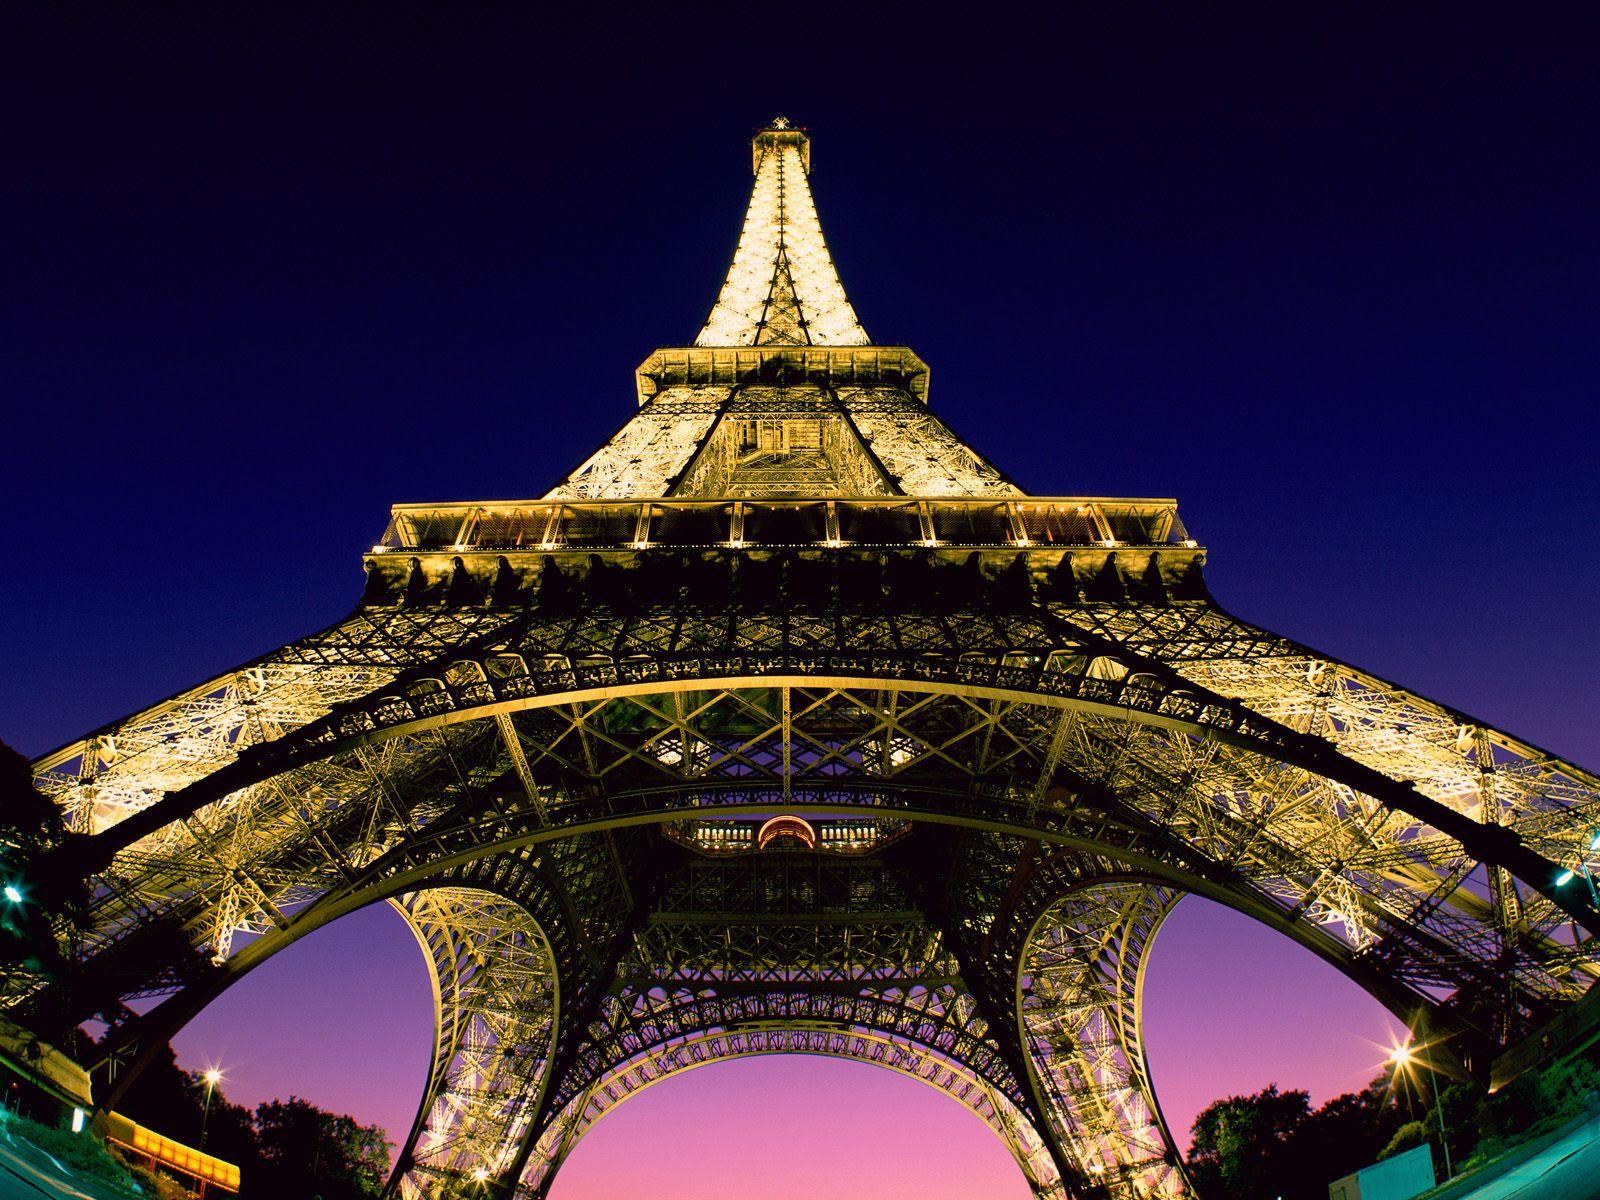 http://1.bp.blogspot.com/-A8VSJ6ZF7-w/UM0BawaBbLI/AAAAAAACoOs/2L2DJuJ80LA/s1600/Paris%2B-%2BEiffel%2Btower.jpg